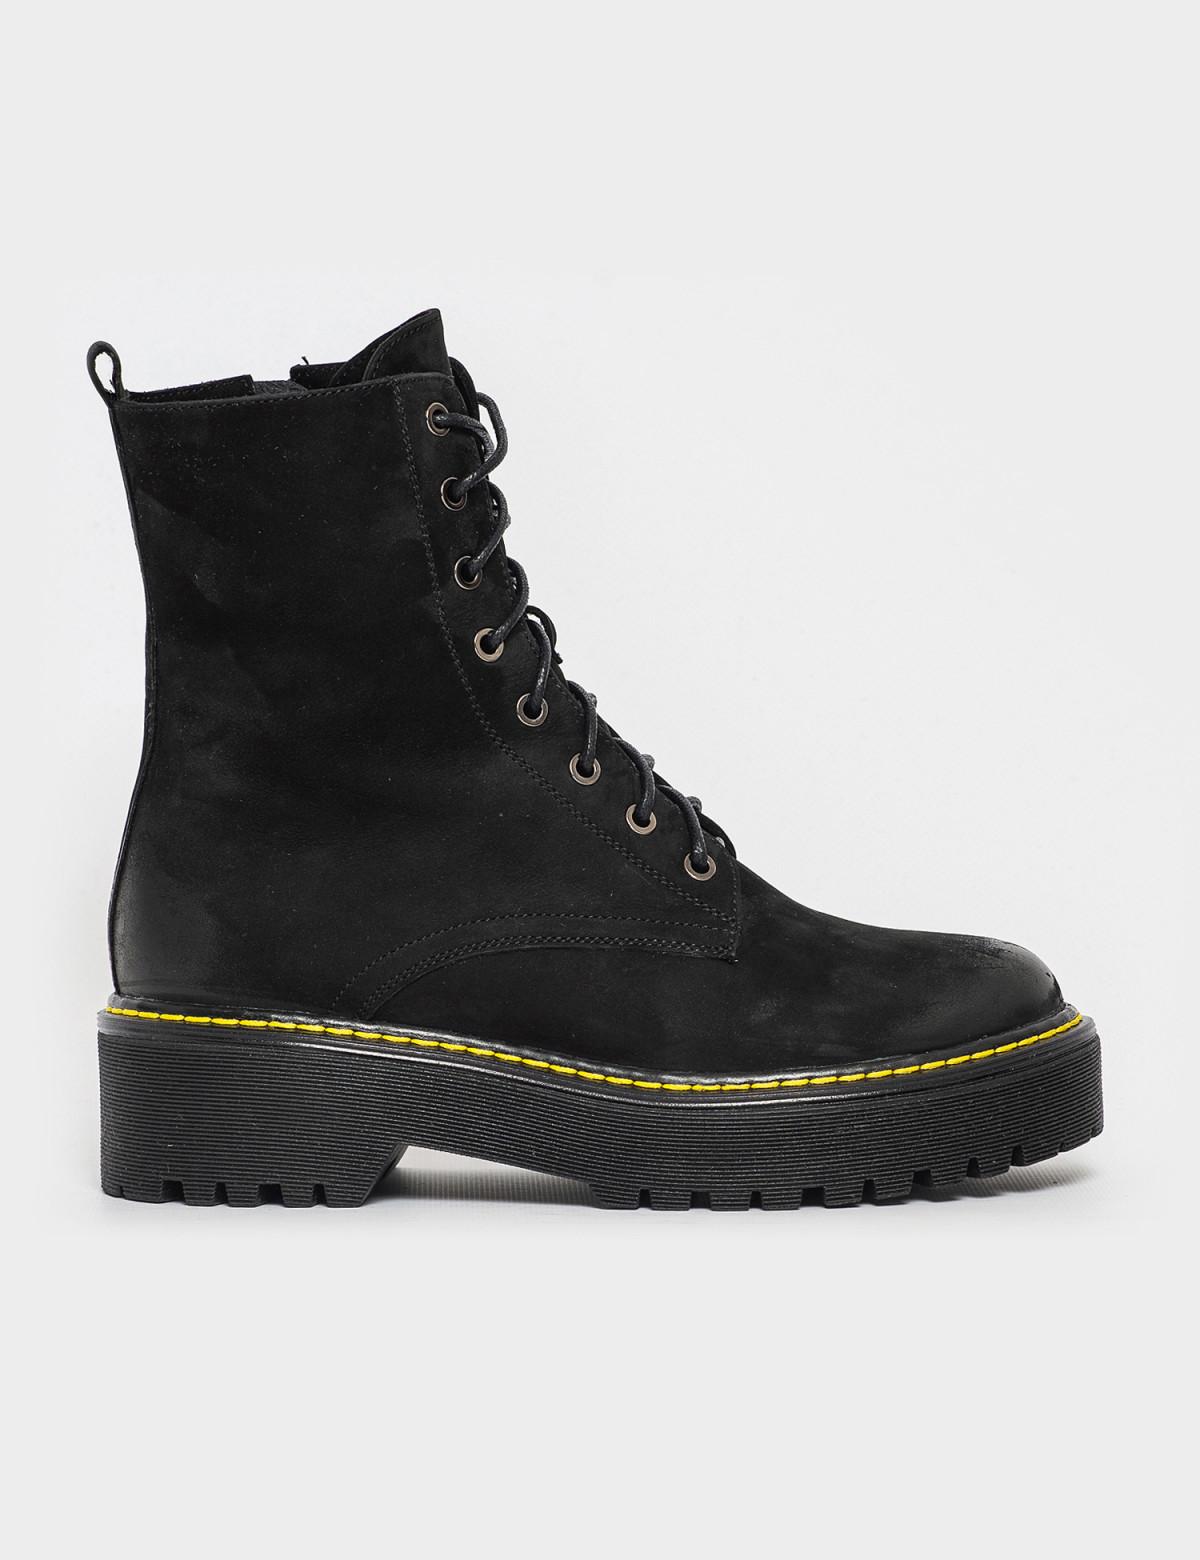 Ботинки черные. Натуральный нубук. Шерсть